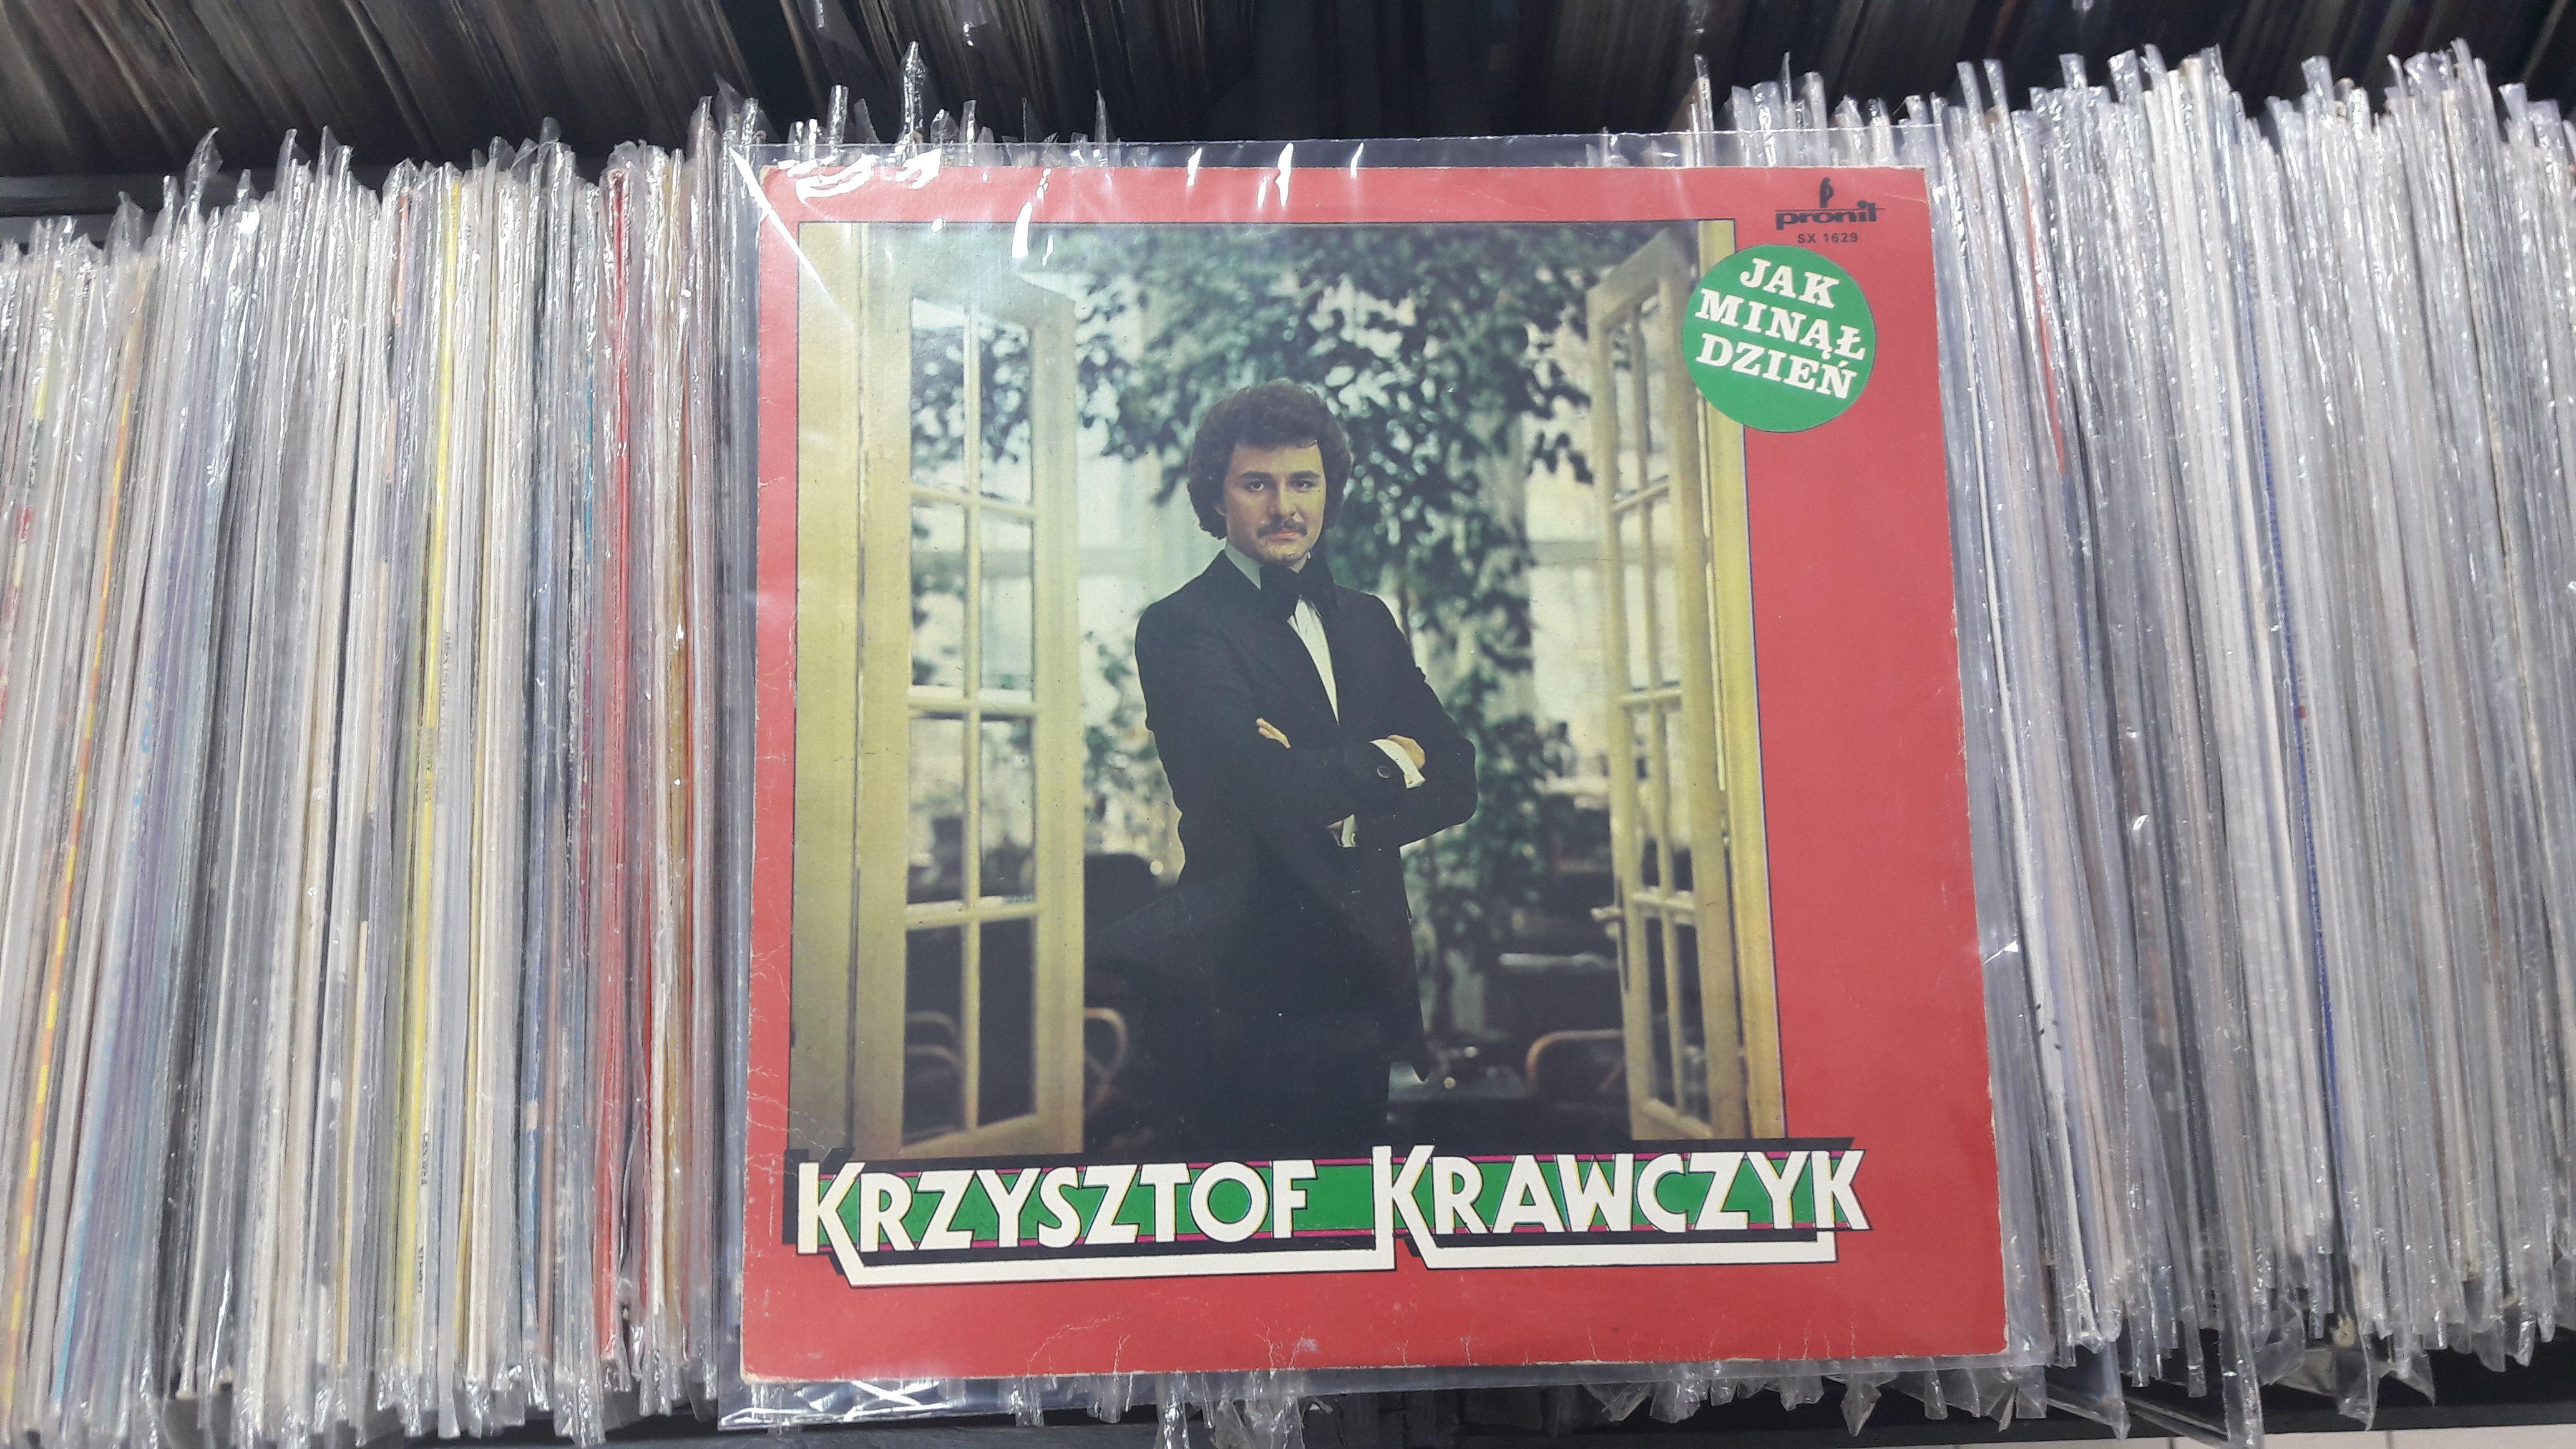 Krzysztof Krawczyk Jak Minal Dzien Pronit Sx 1629 Vinyl Lp Album Vinyl Records Vinyl Book Cover